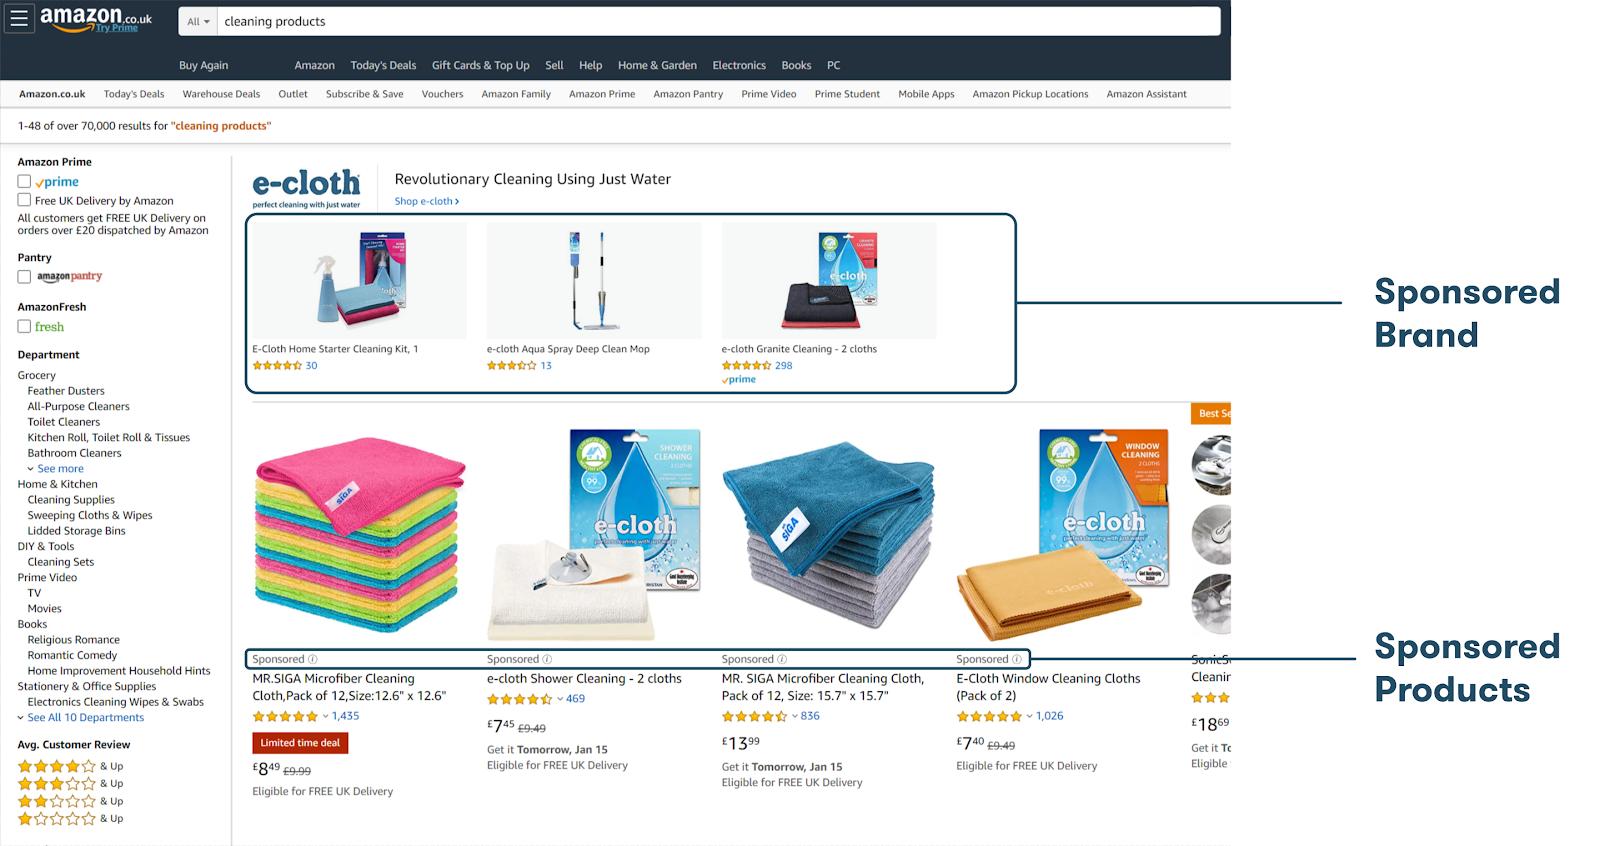 Amazon attribution explained 2